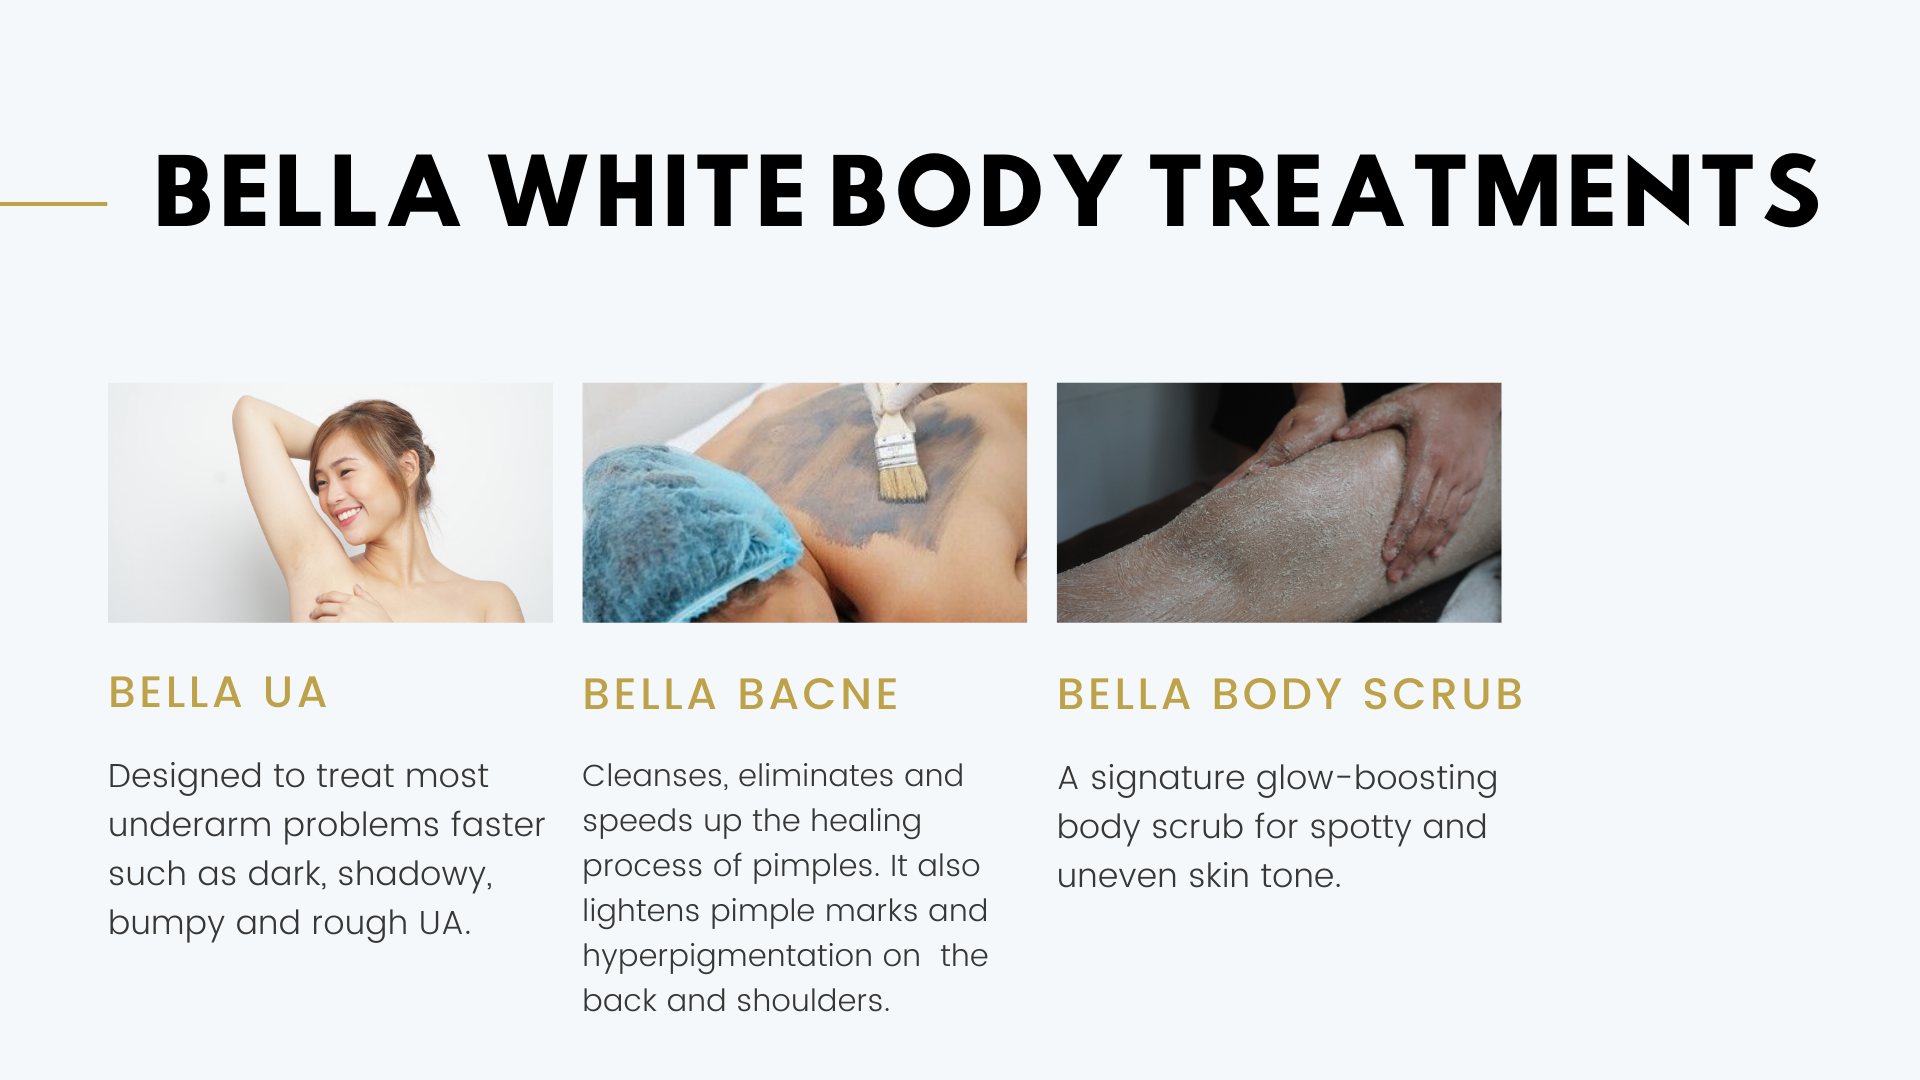 Bella White Body